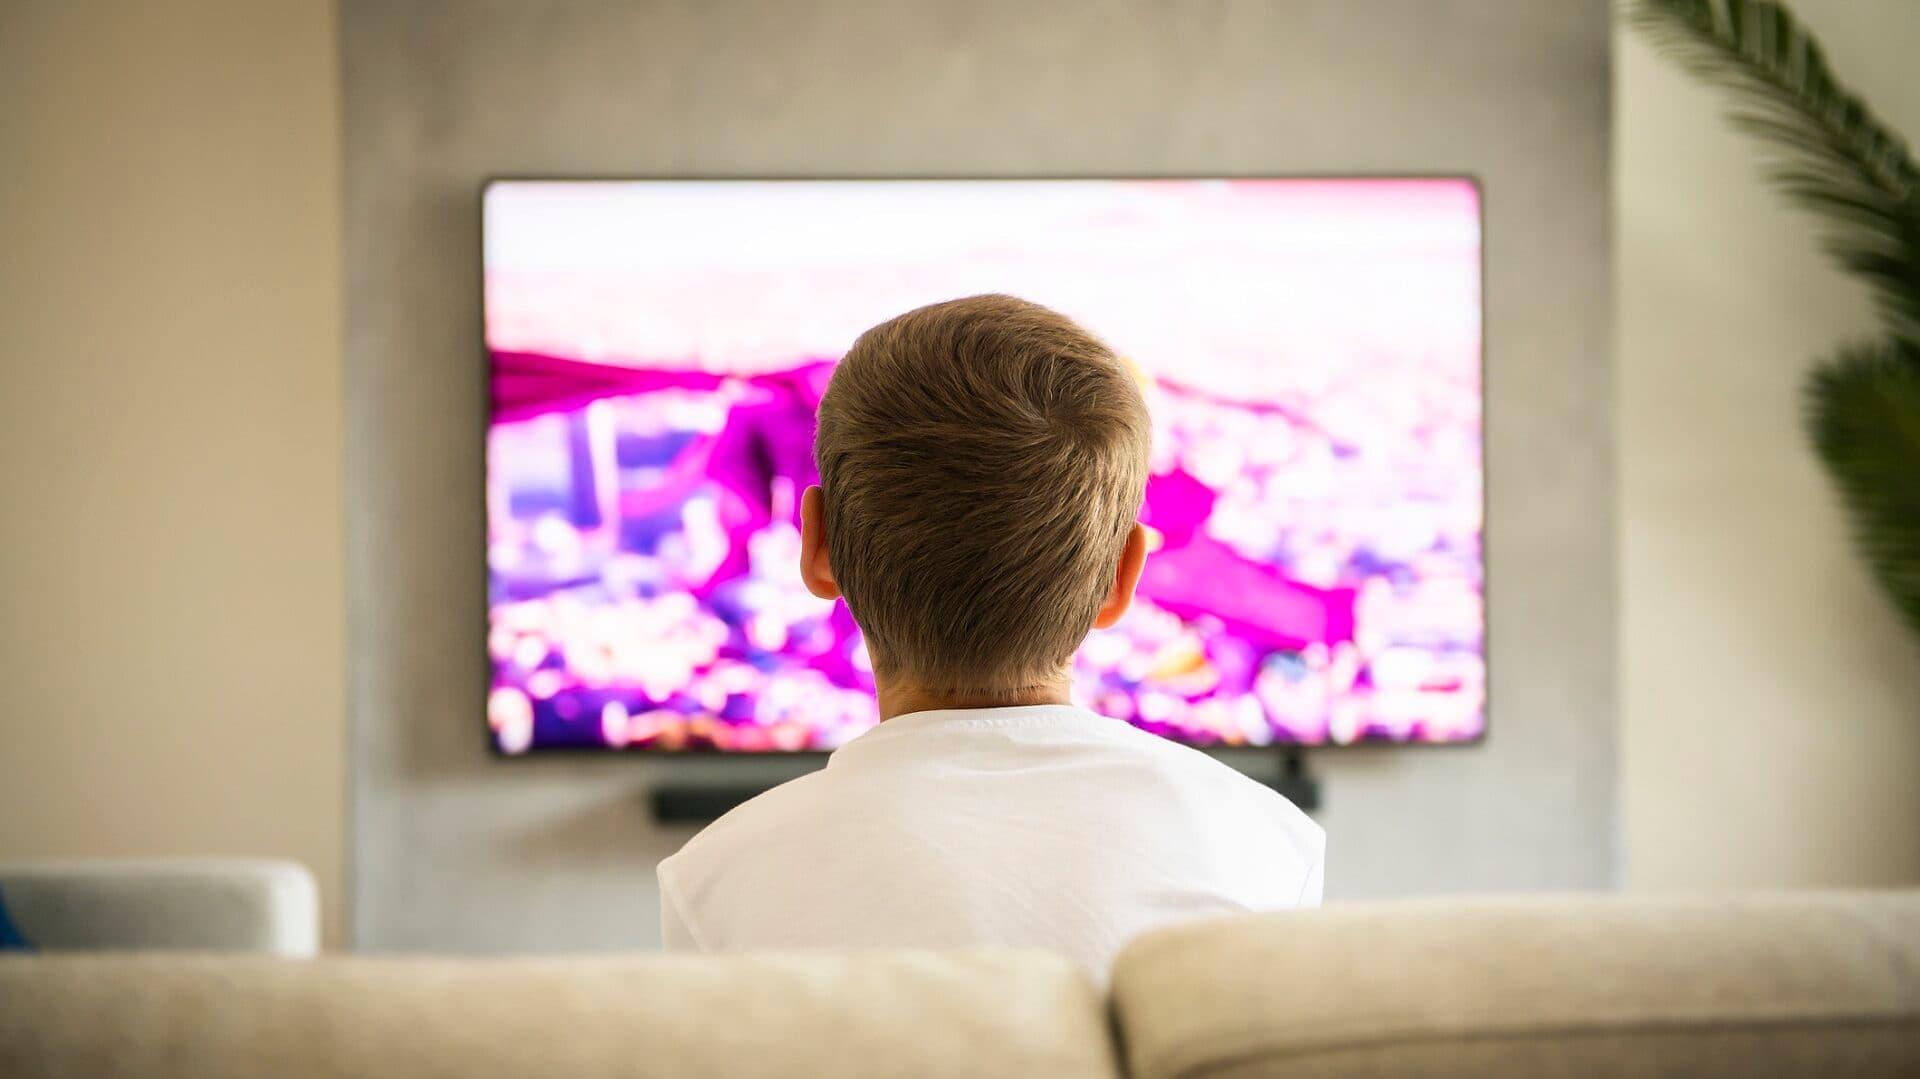 Kind, Werbung, TV, Fernsehen